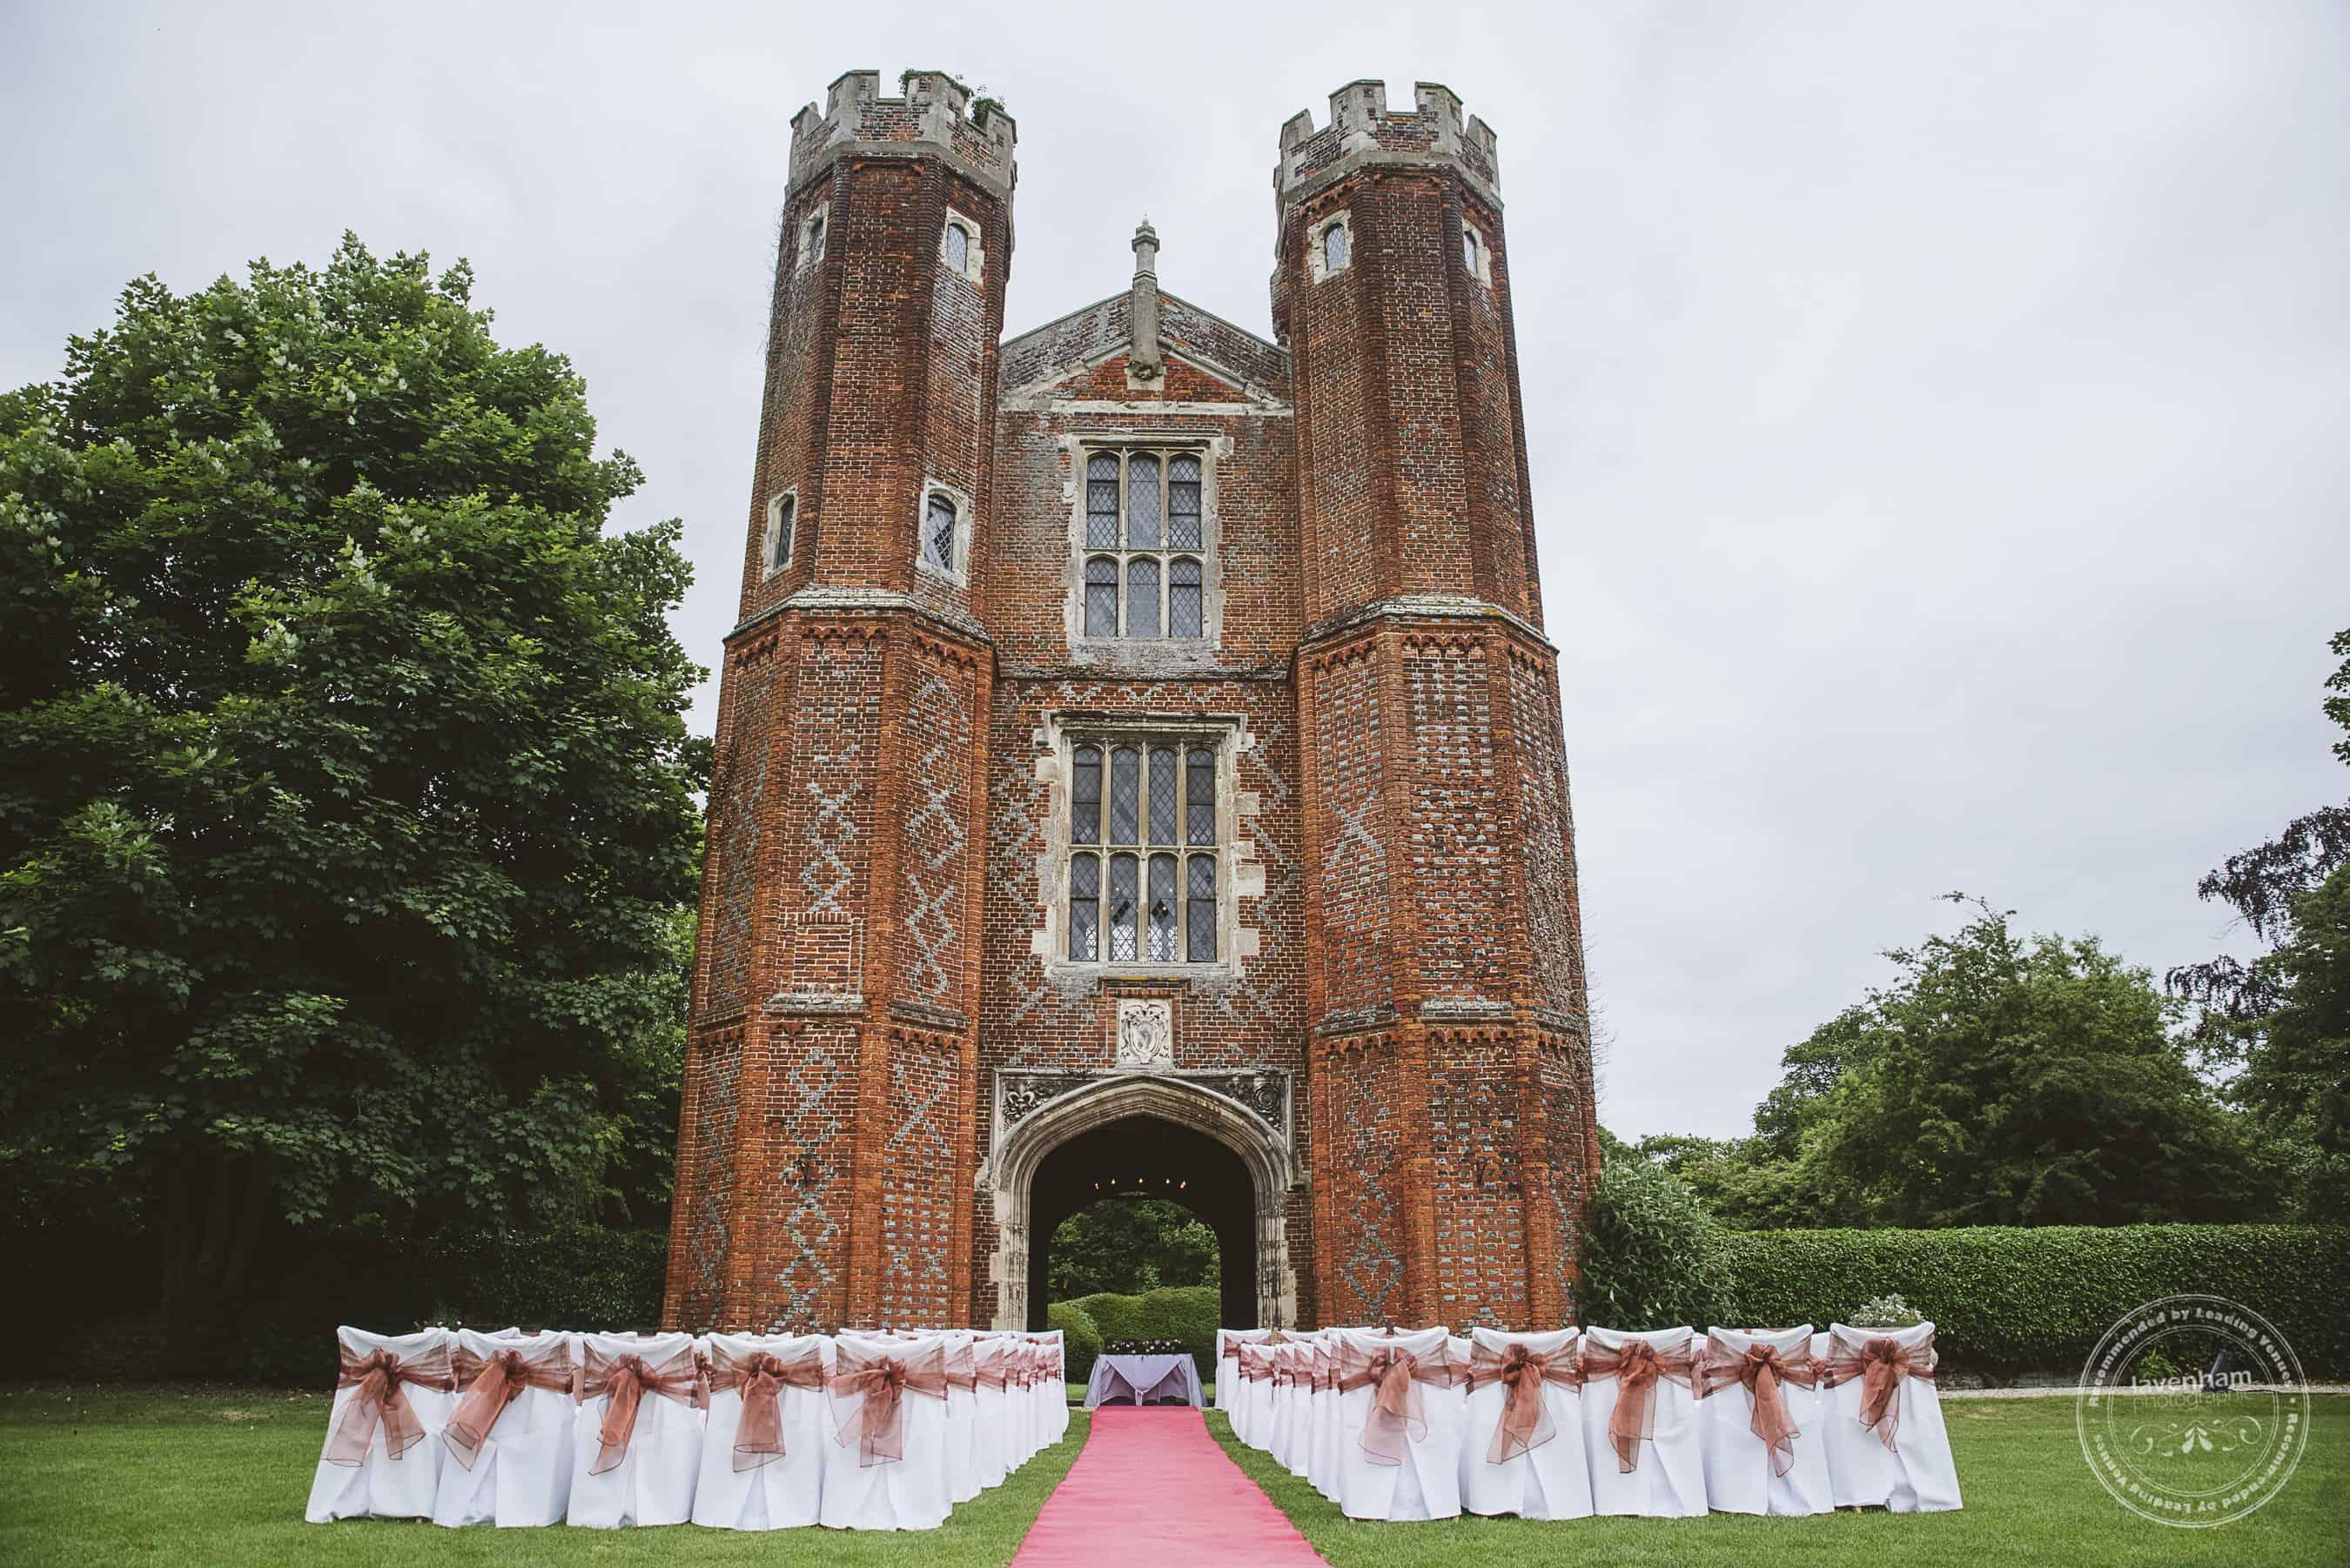 020618 Leez Priory Wedding Photography Lavenham Photographic 032